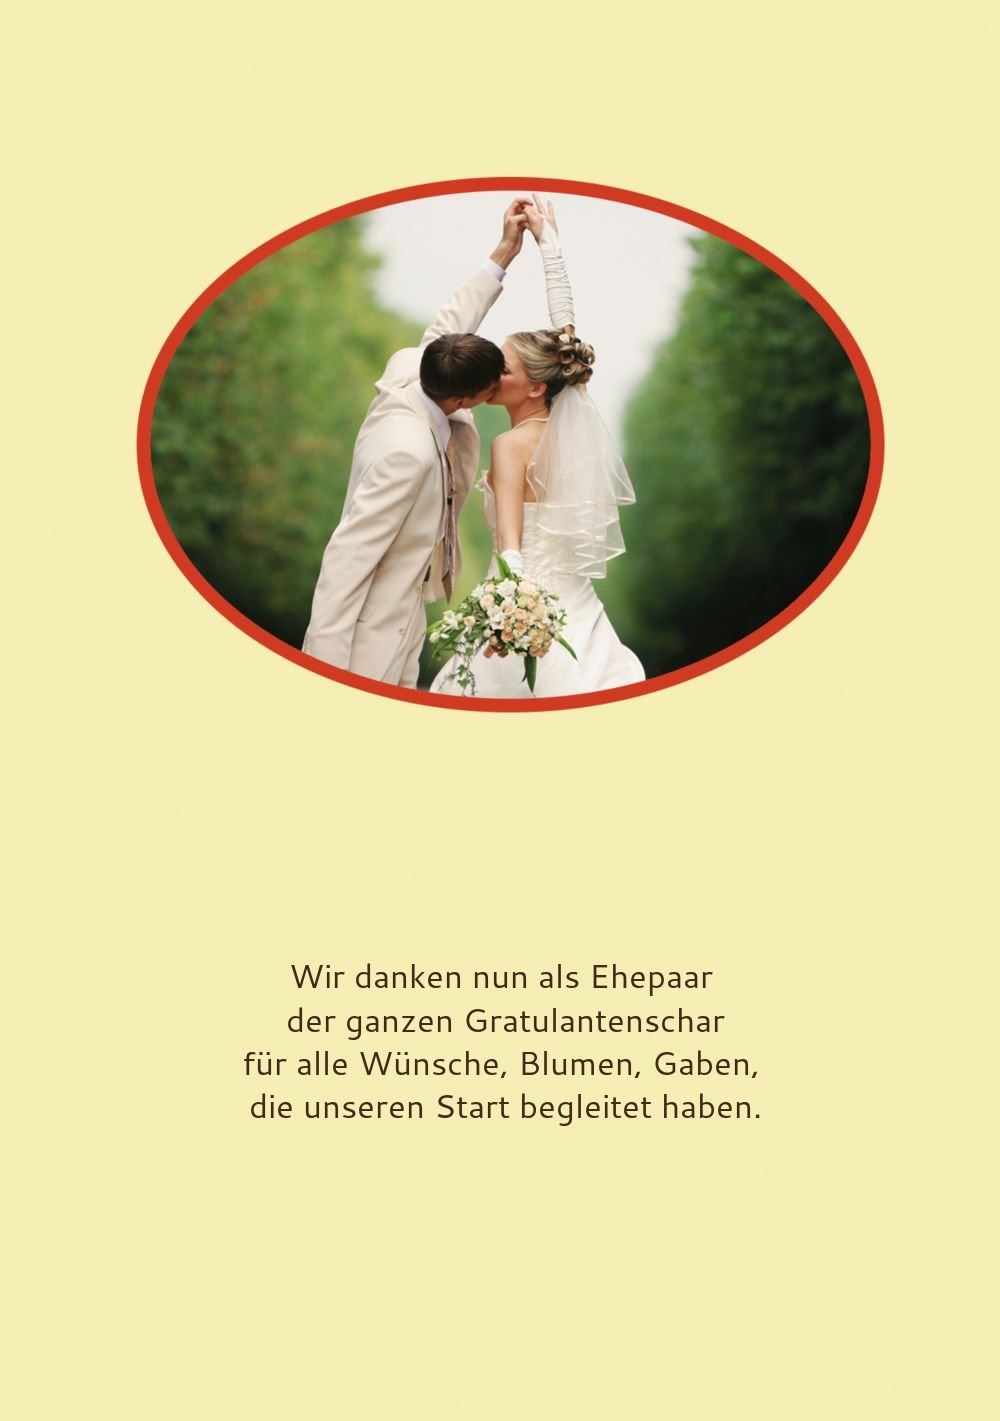 Kartenparadies Danksagung für Hochzeitsgeschenke Hochzeit Dankeskarte Turteltäubchen, hochwertige hochwertige hochwertige Danksagungskarte Hochzeitsglückwünsche inklusive Umschläge   20 Karten - (Format  105x148 mm) Farbe  DunkelgrauBraun B01MS9TOFZ | Sc a8aef2